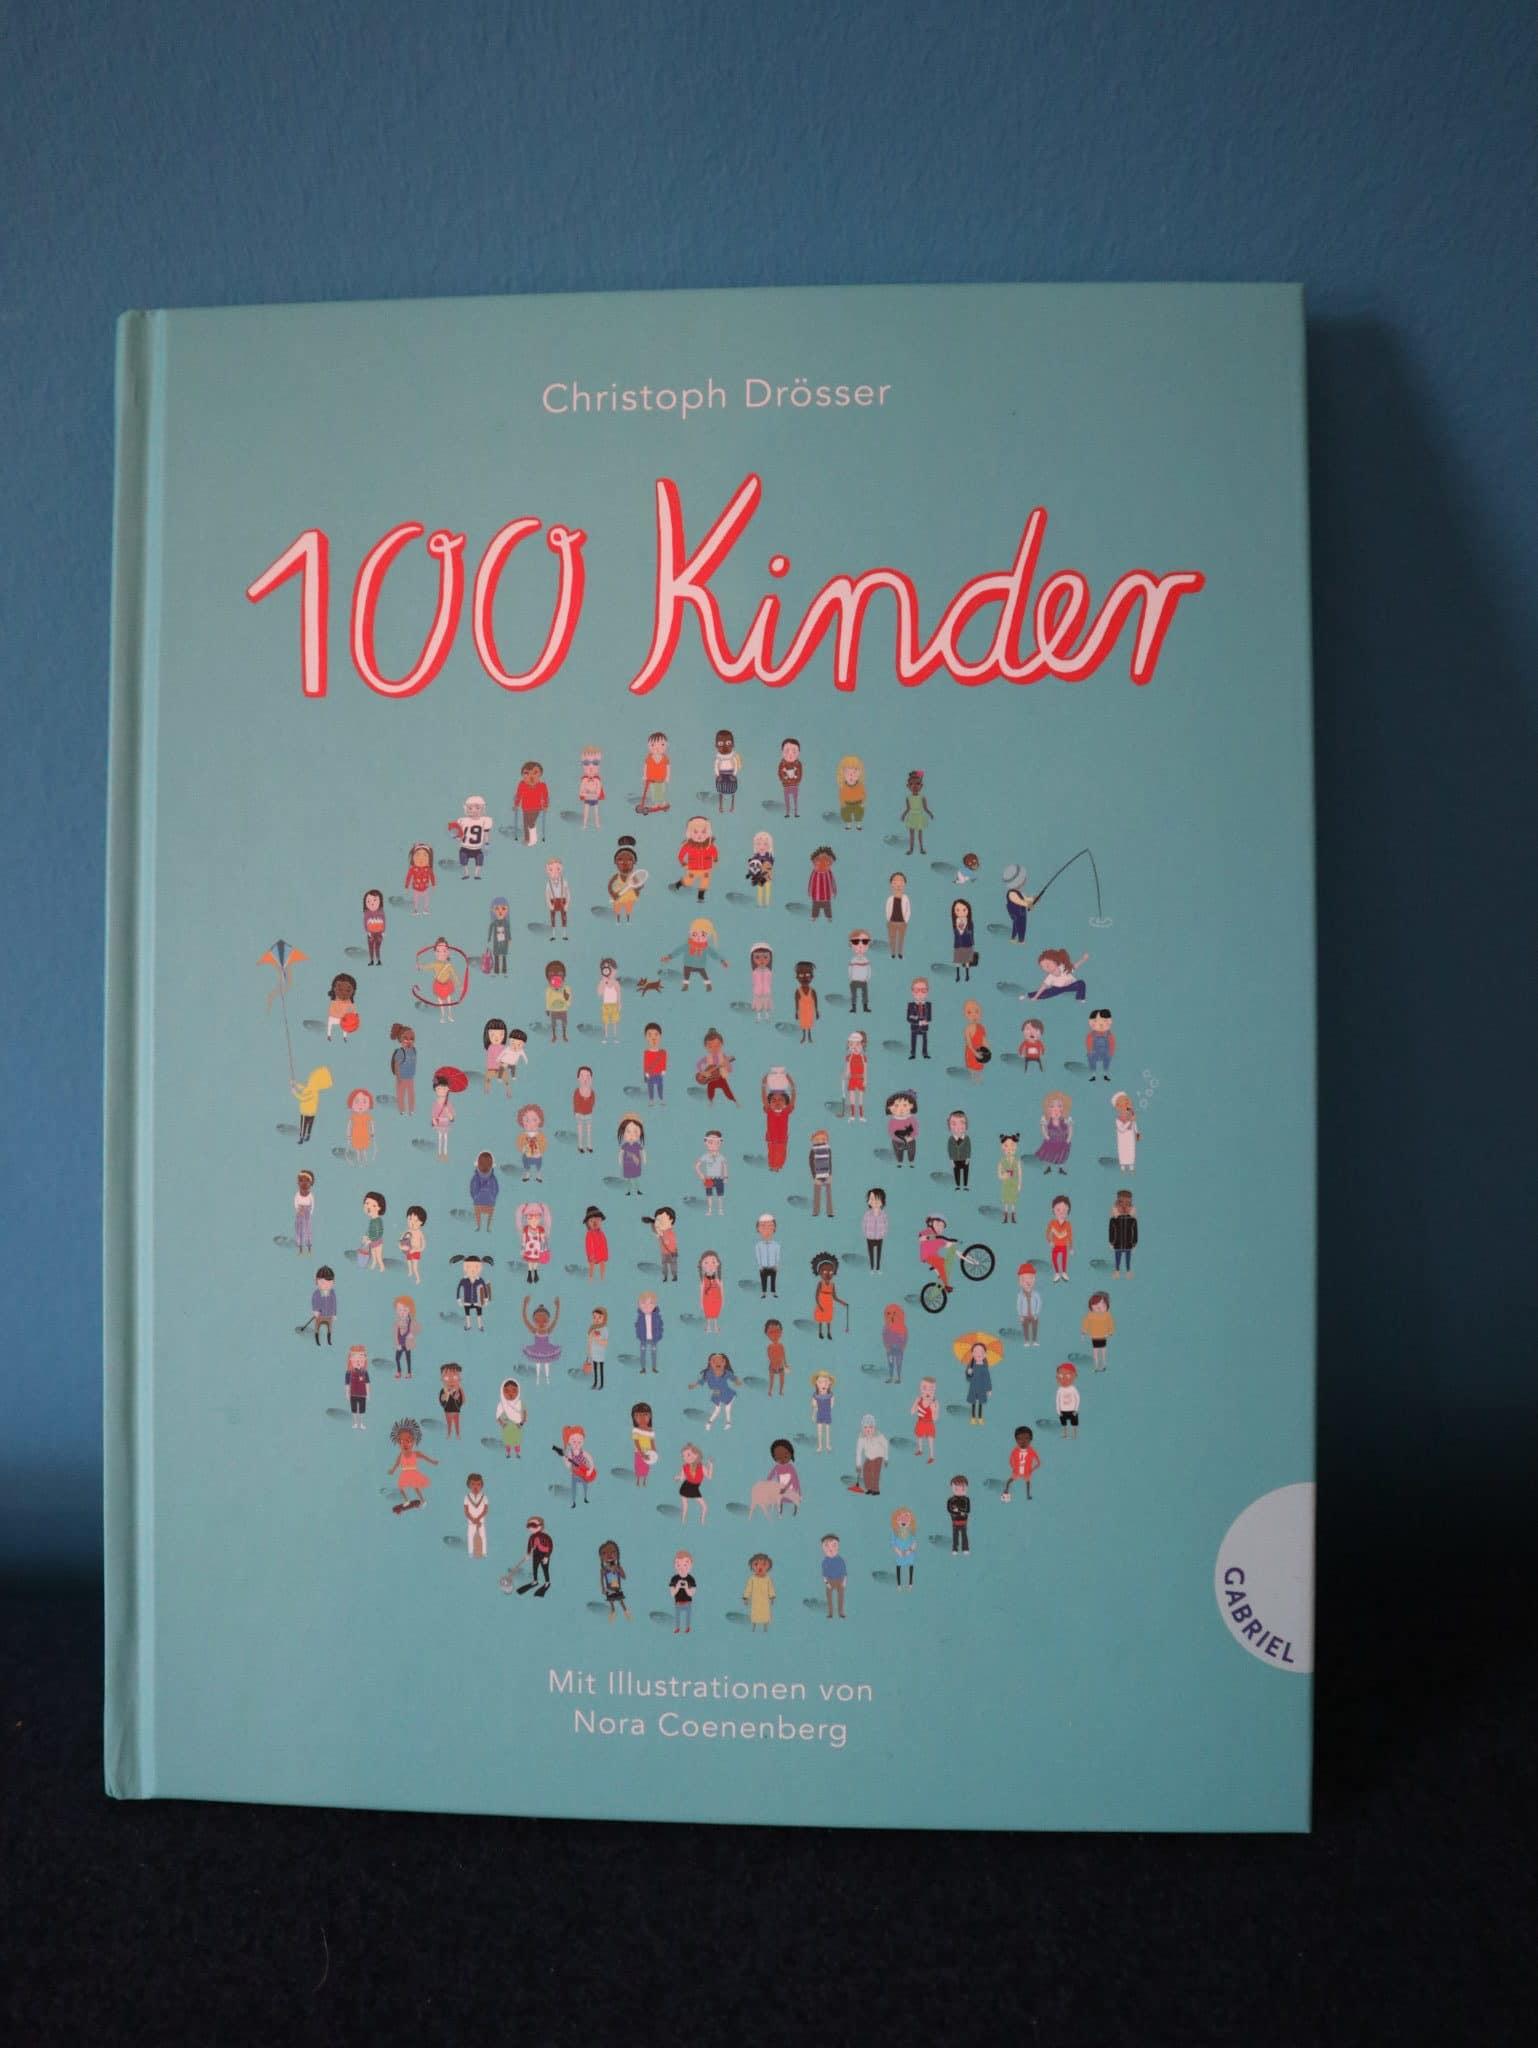 100 Kinder - erscheint erst 2020